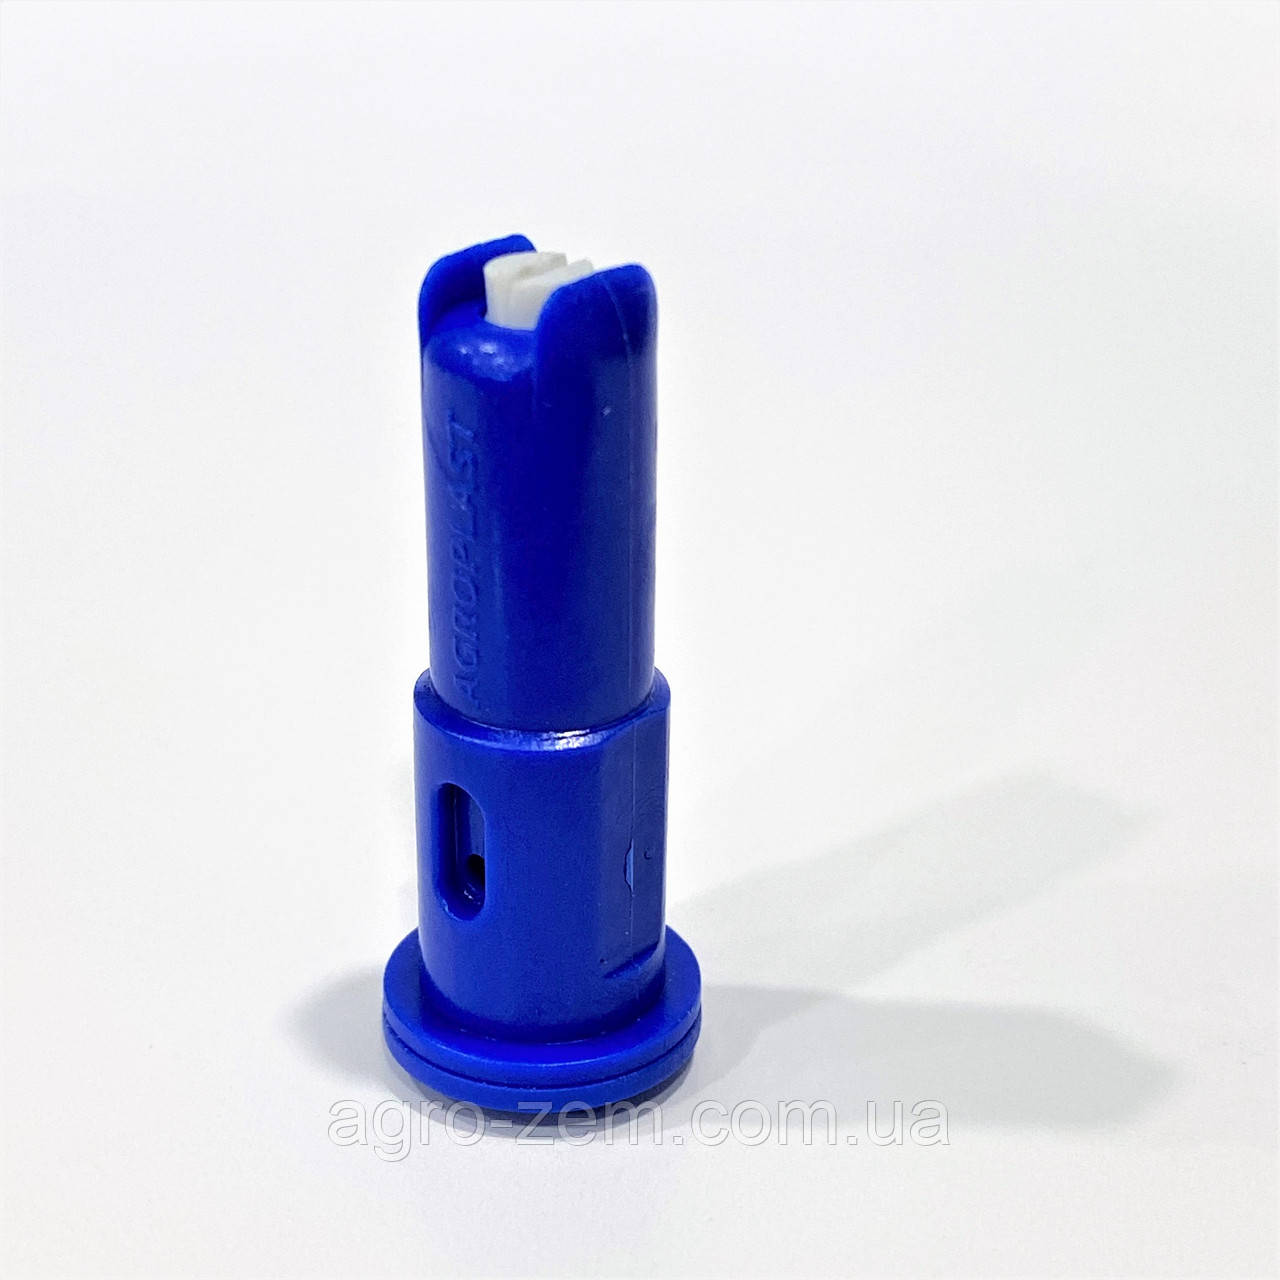 Распылитель инжекторный керамический 8MSC синий 03 Agroplast 8MS03C | 225429 |